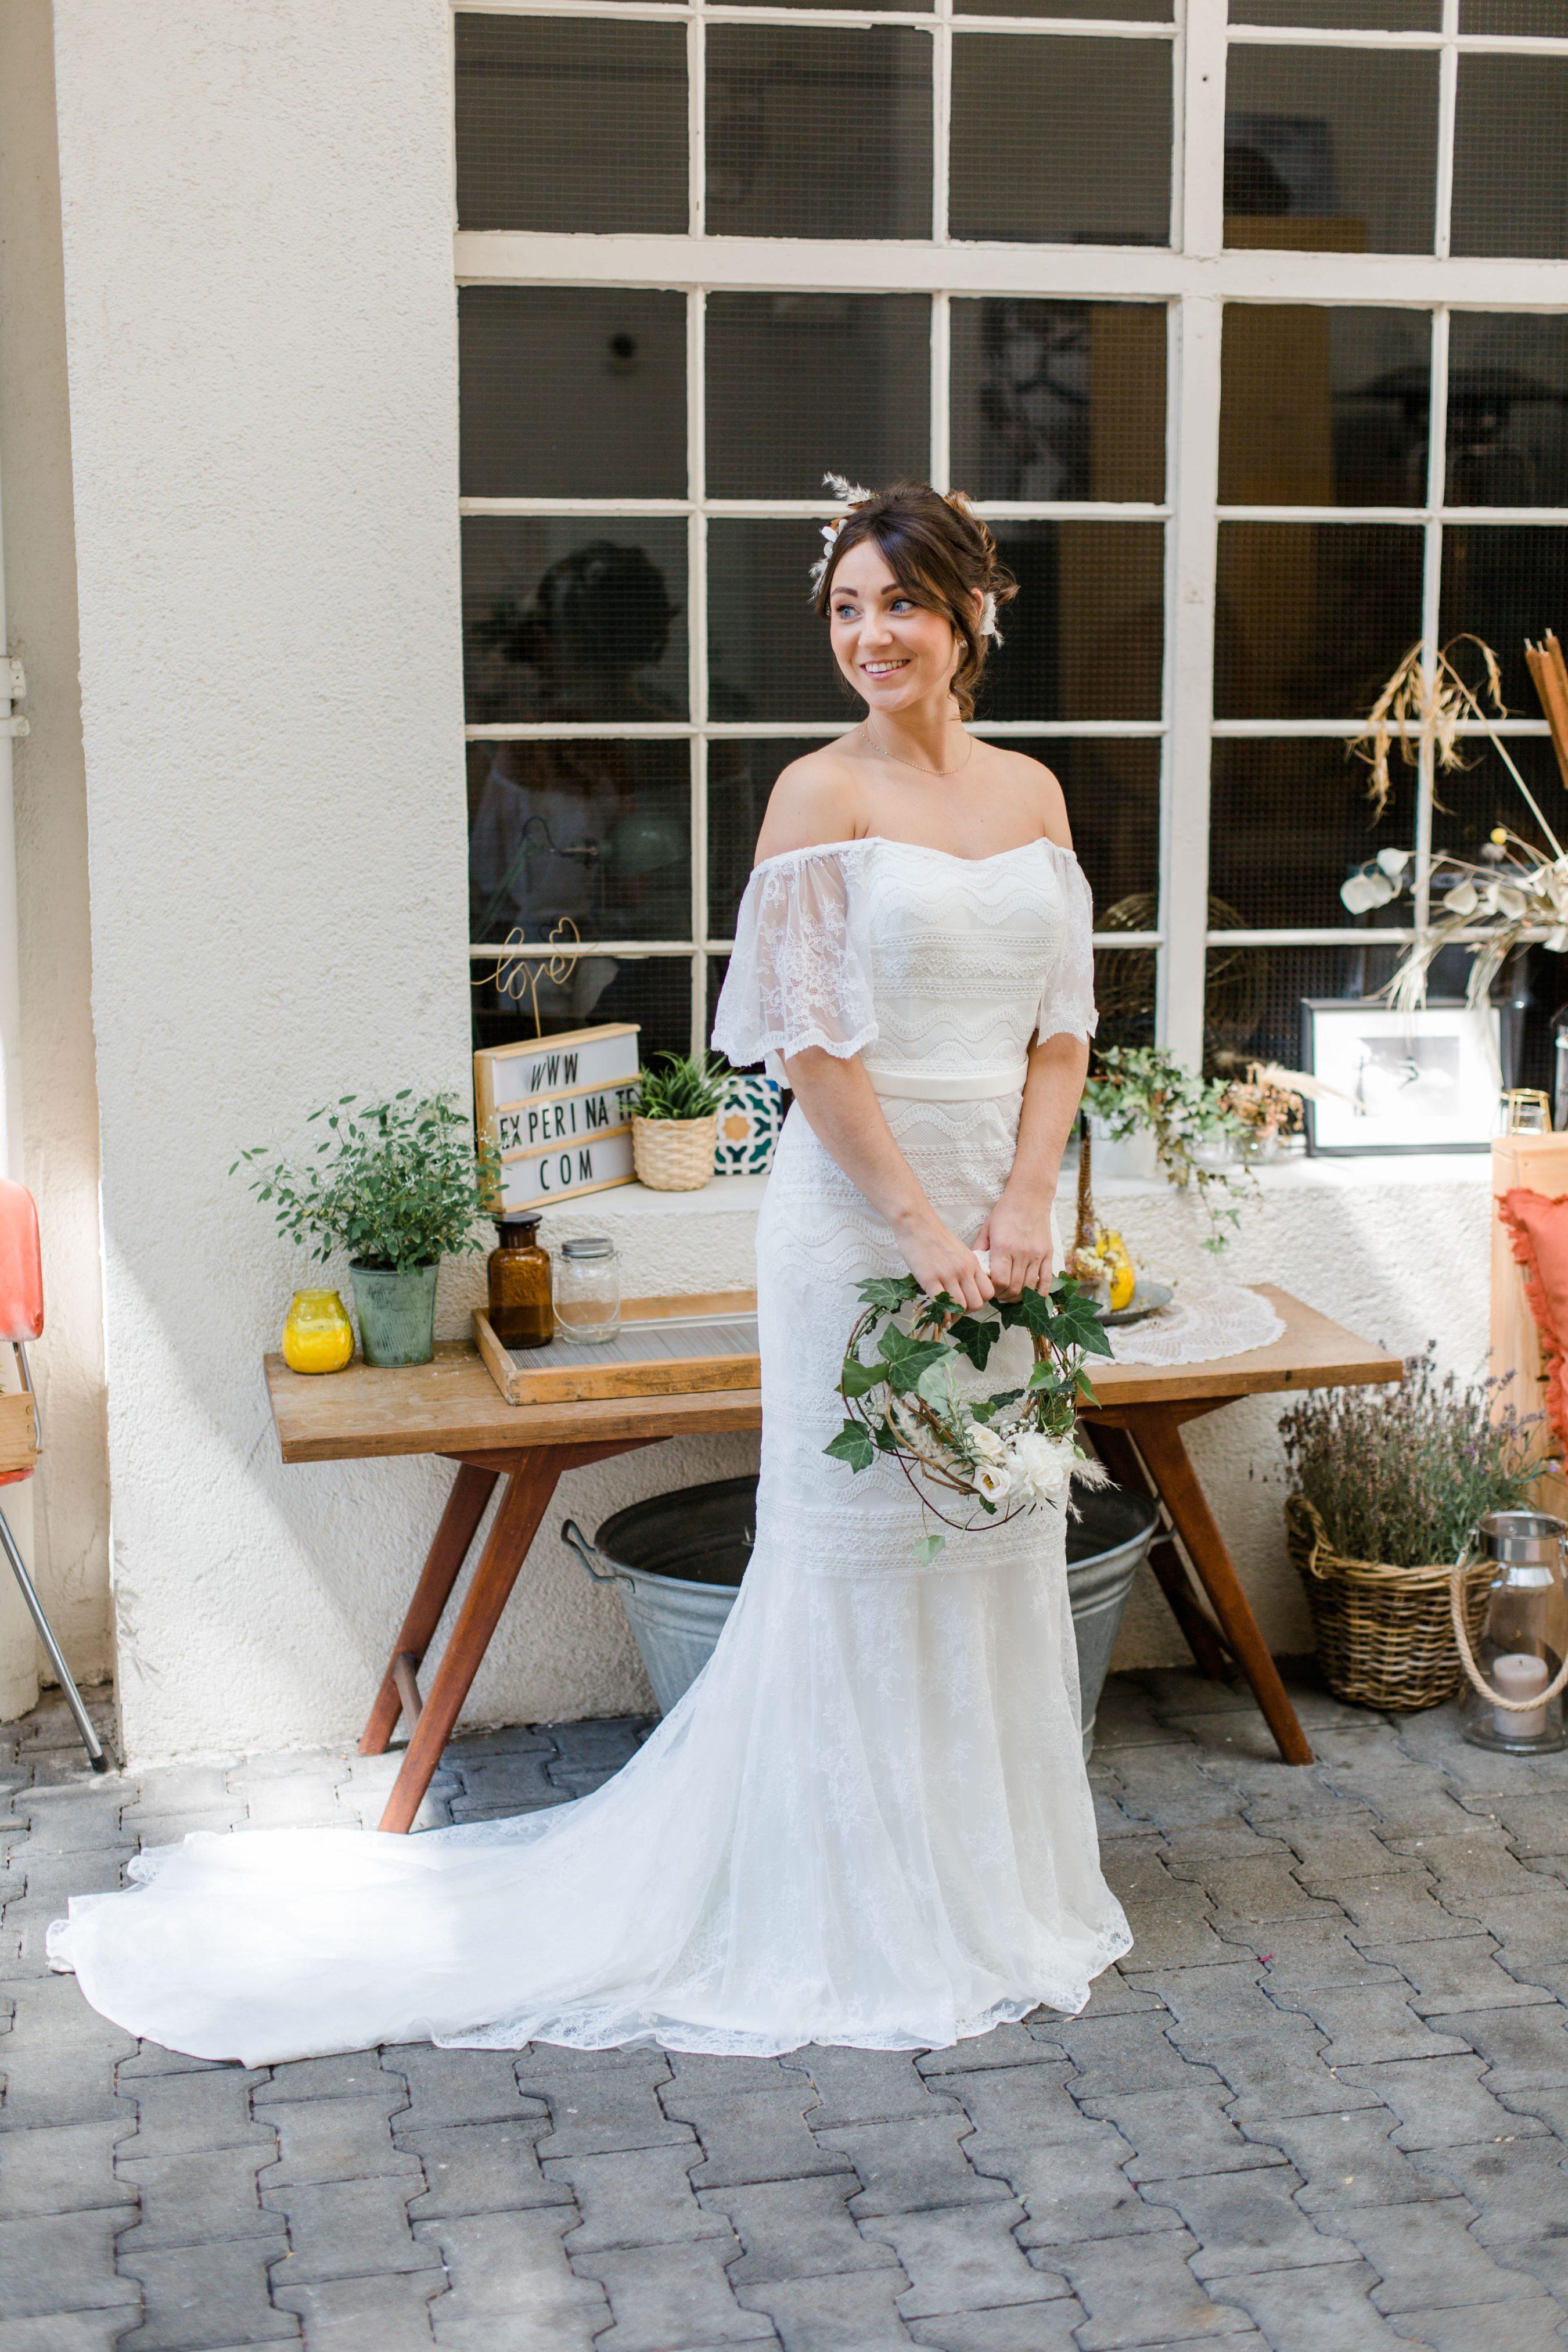 Brautkleid Kaufen Im Bridal Popup Store Experinate Bridal In Stuttgart Hochzeitsblog The Little Wedding Corner